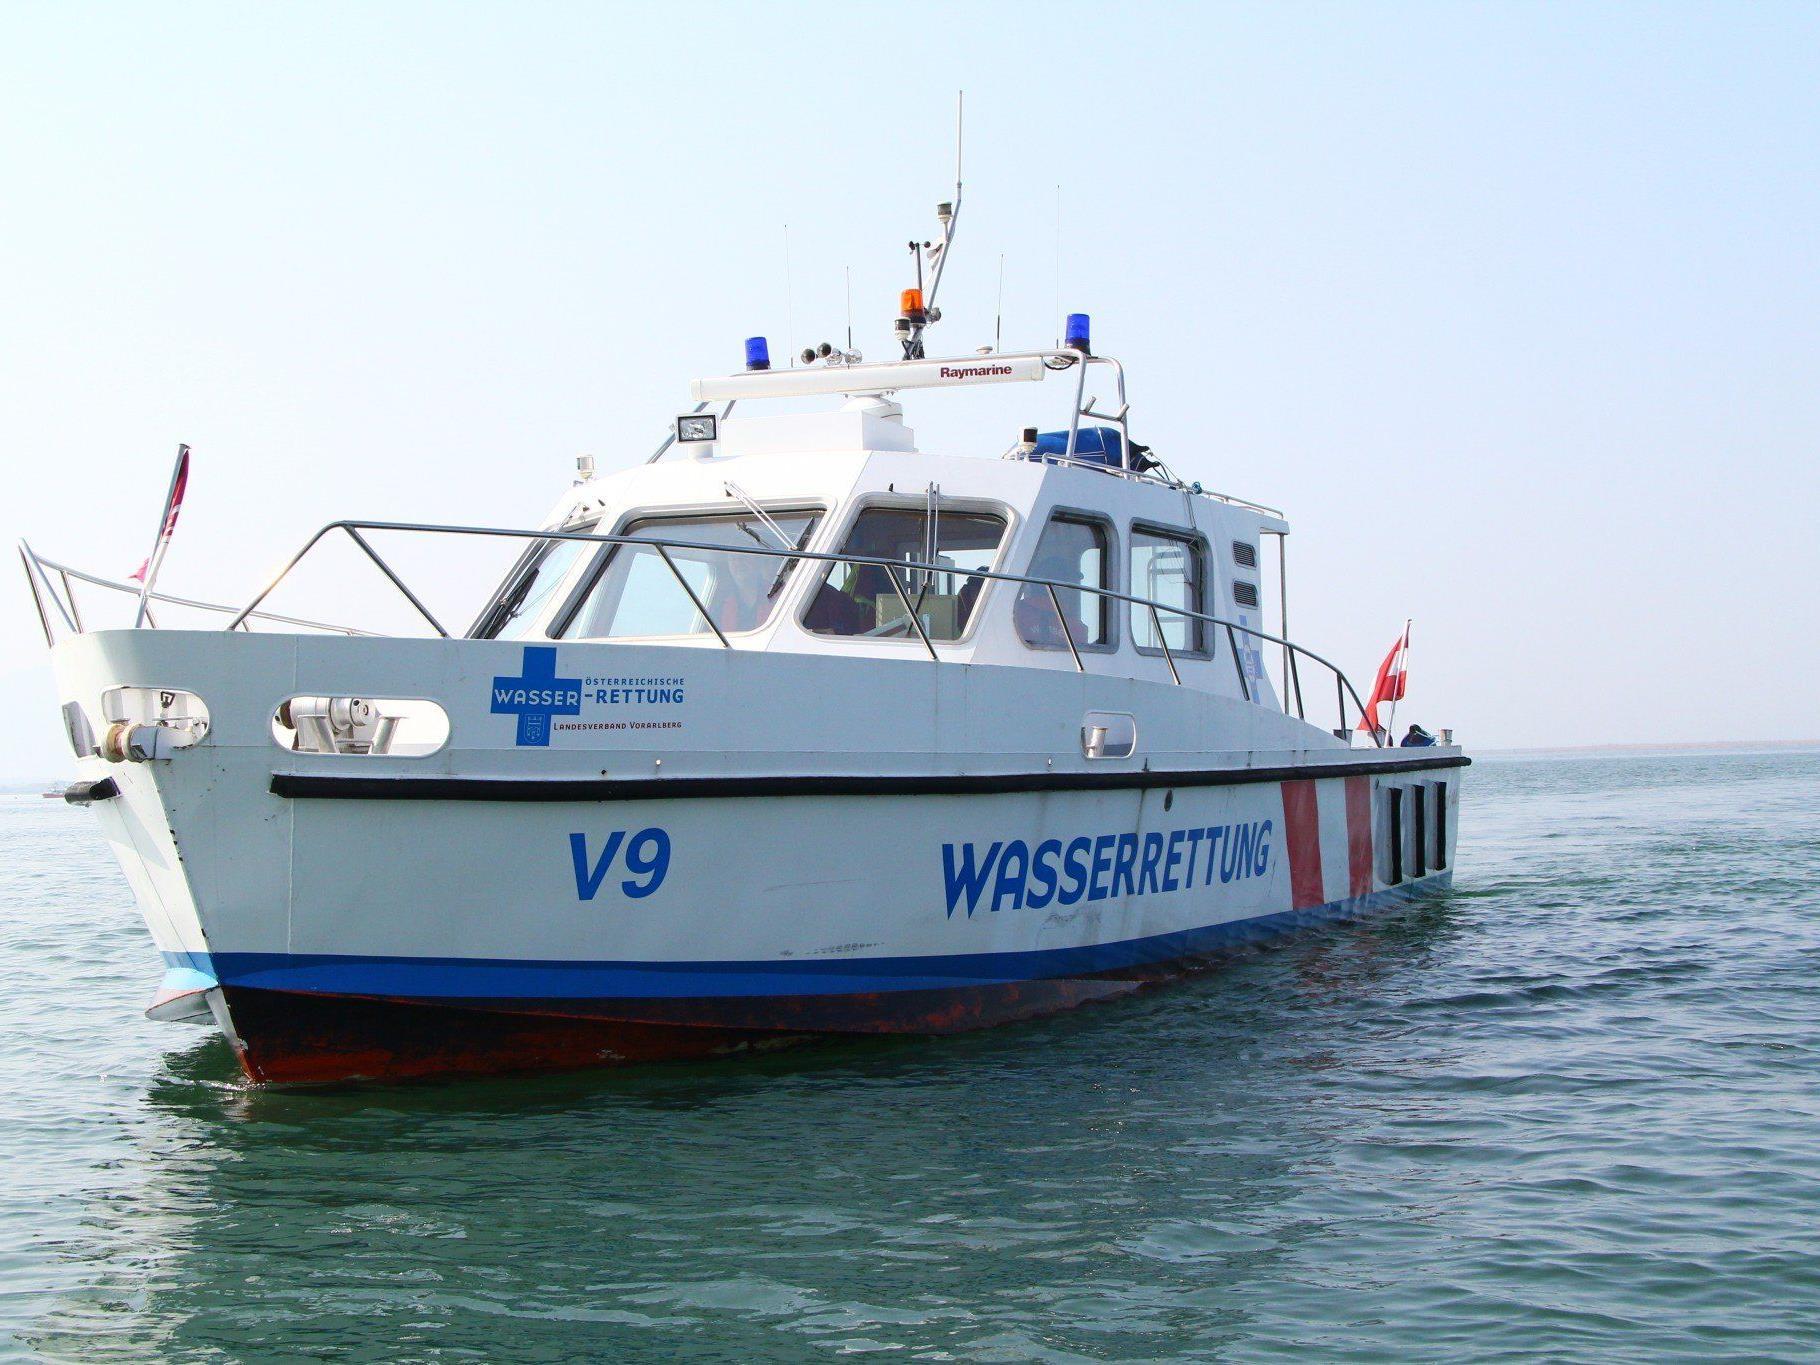 Bei den Einsätzen der Wasserrettung am Sonntag blieben alle in Seenot geratenen Personen unverletzt (Symbolbild).